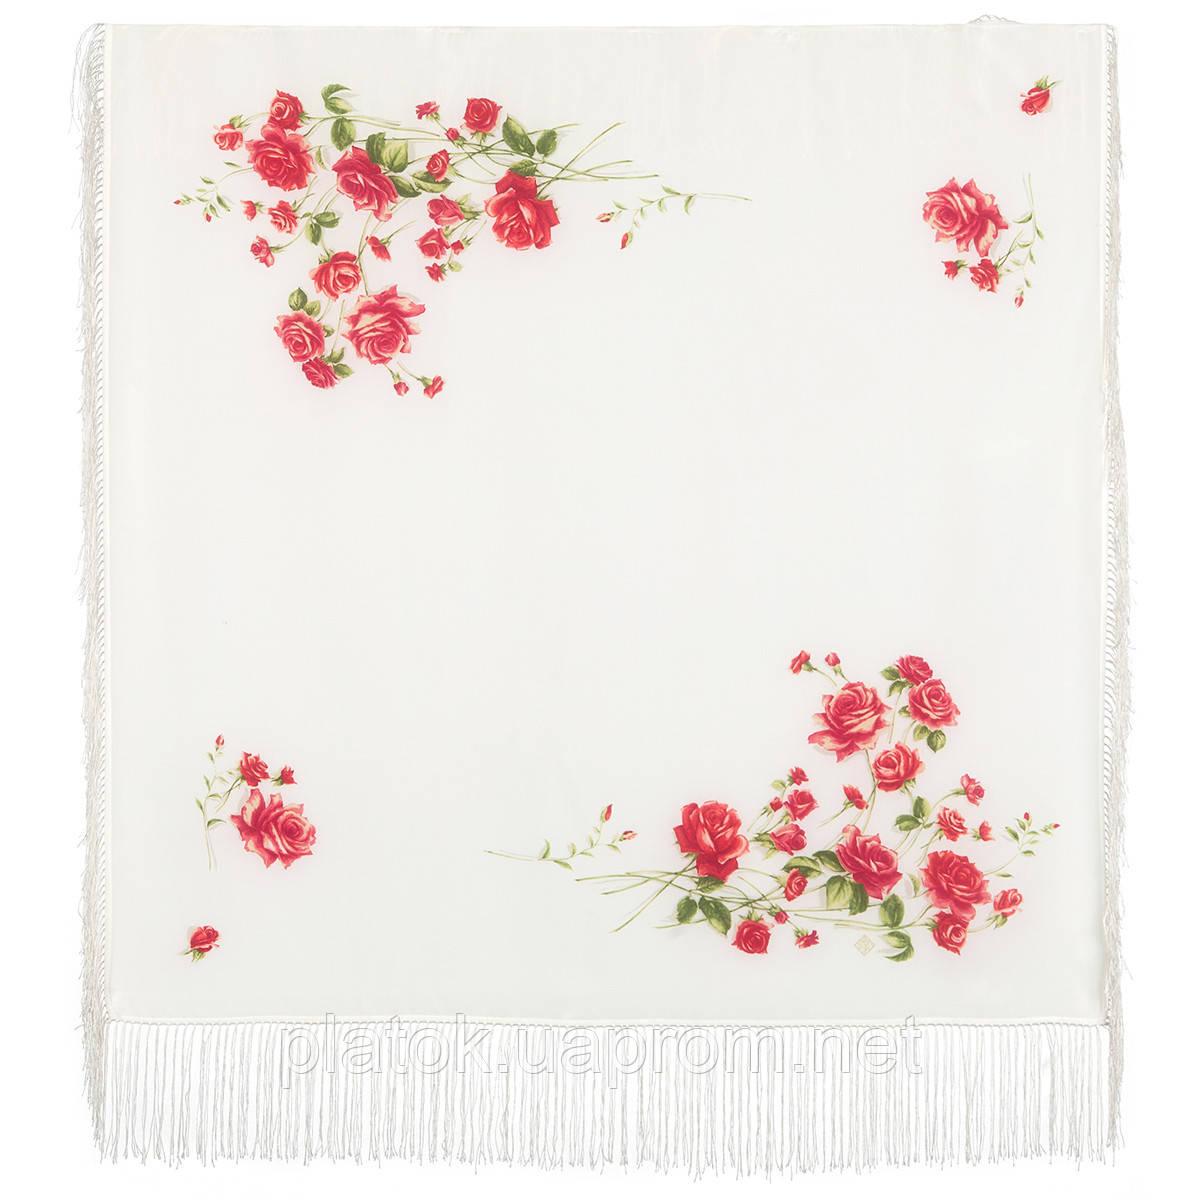 Розы под снегом 10720-0, павлопосадский платок (крепдешин) шелковый с шелковой бахромой